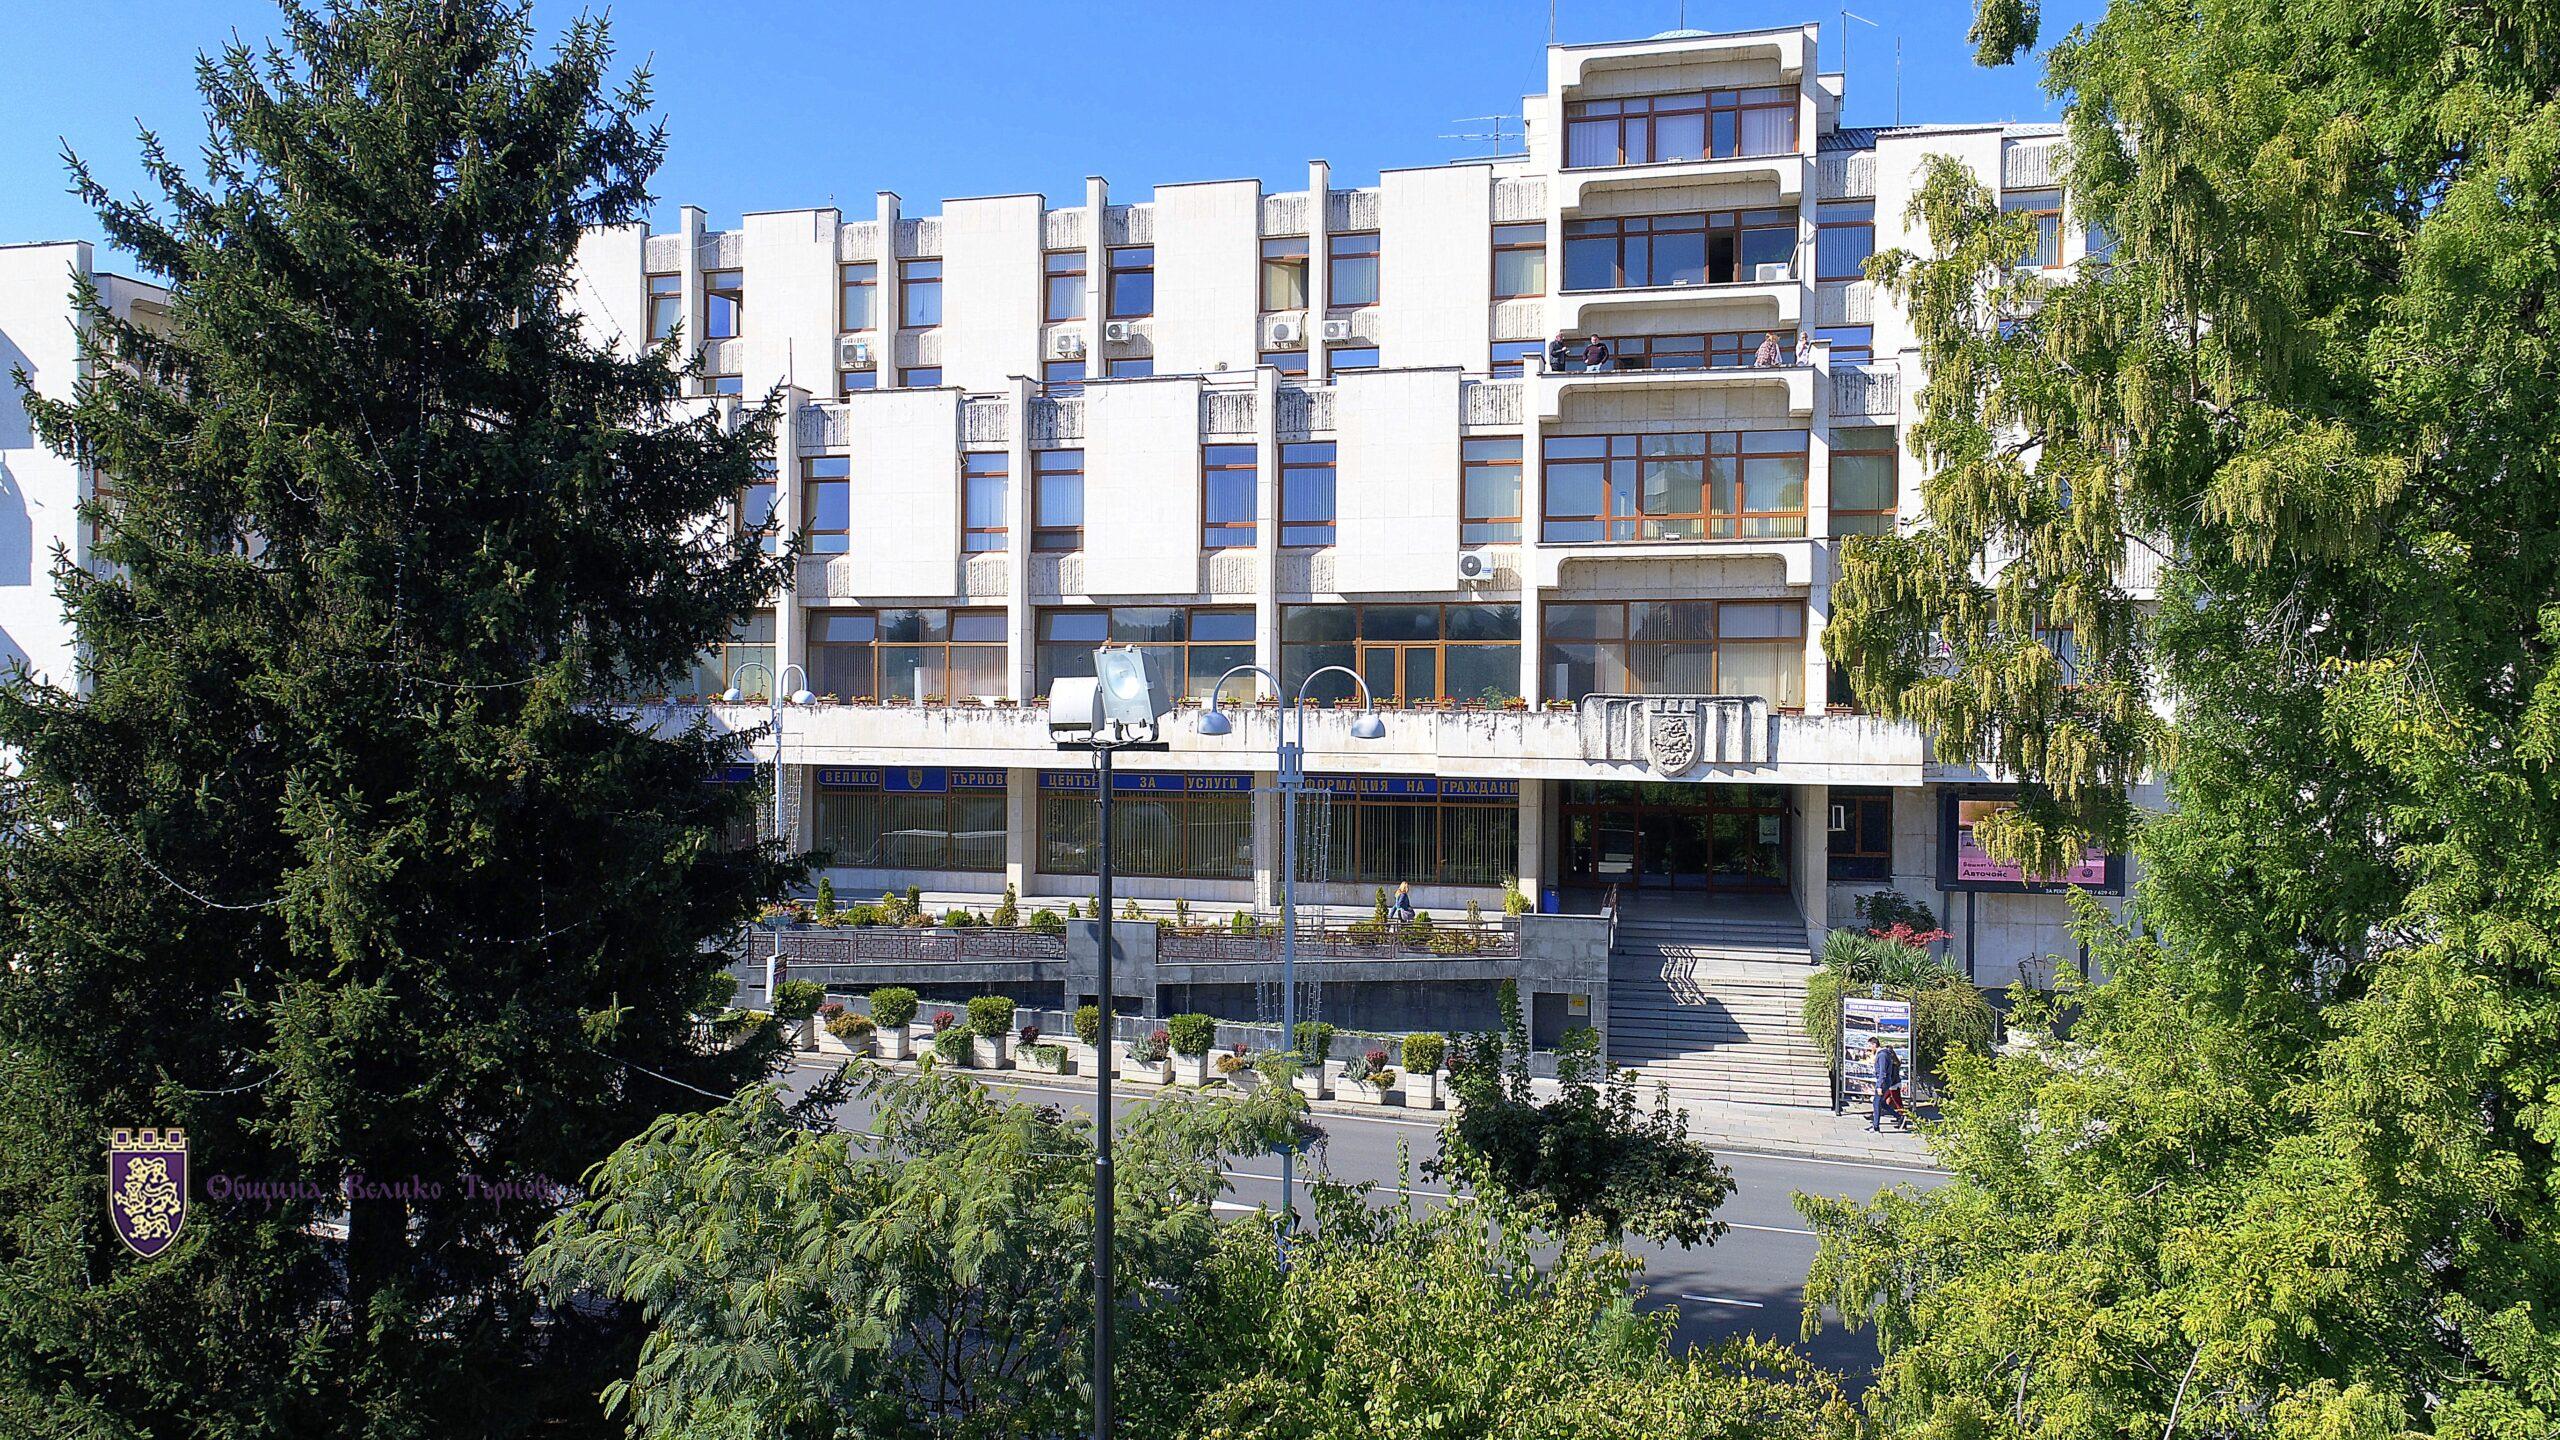 Община Велико Търново провежда анкетно проучване  сред великотърновци за развитието през следващите седем години